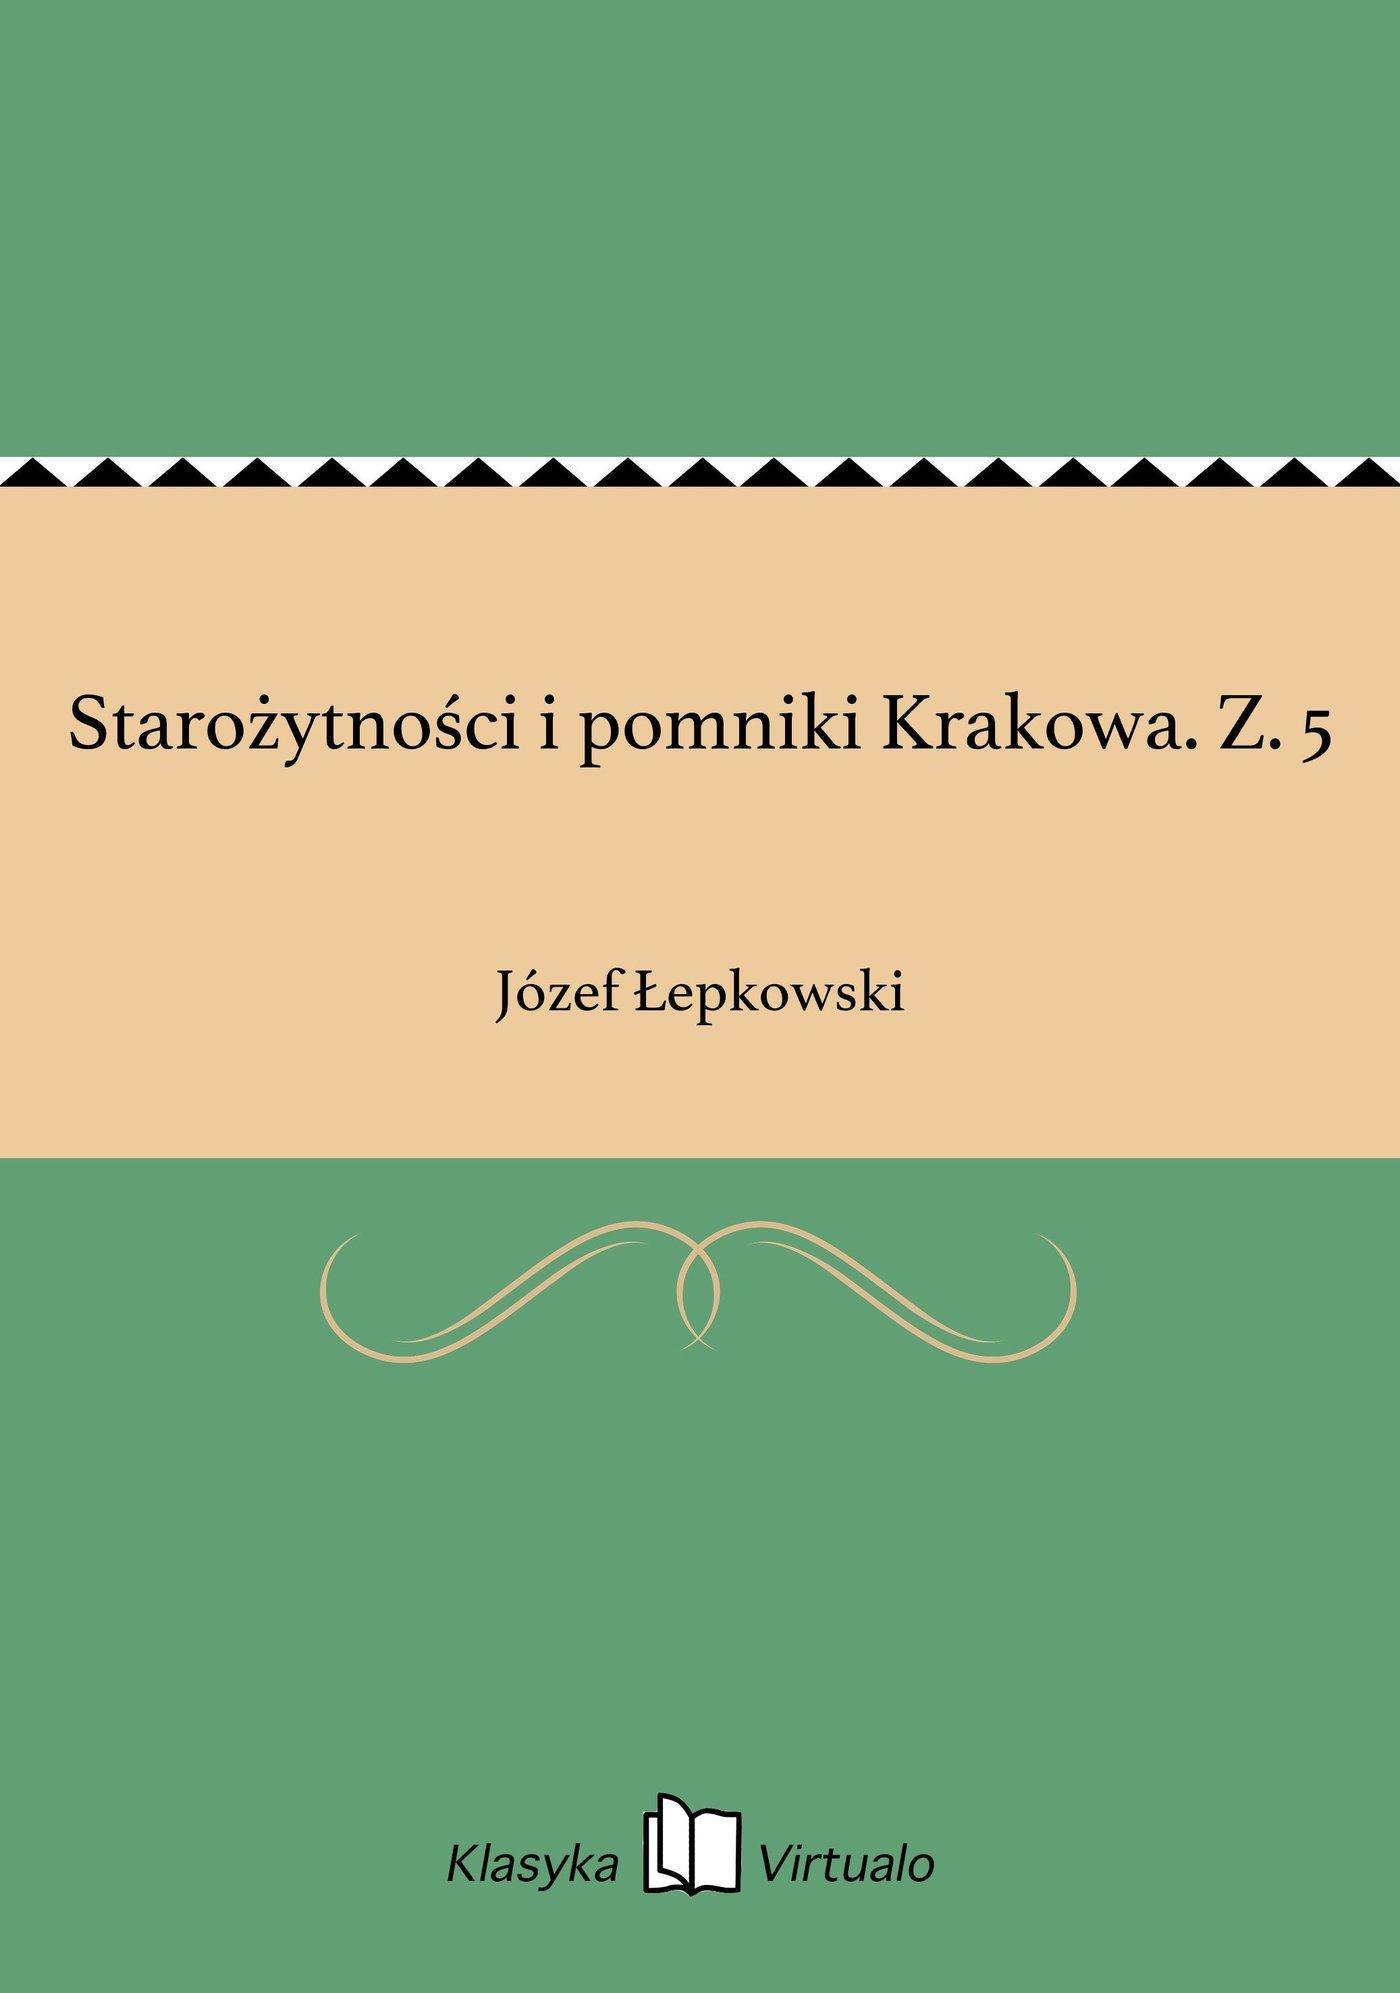 Starożytności i pomniki Krakowa. Z. 5 - Ebook (Książka EPUB) do pobrania w formacie EPUB